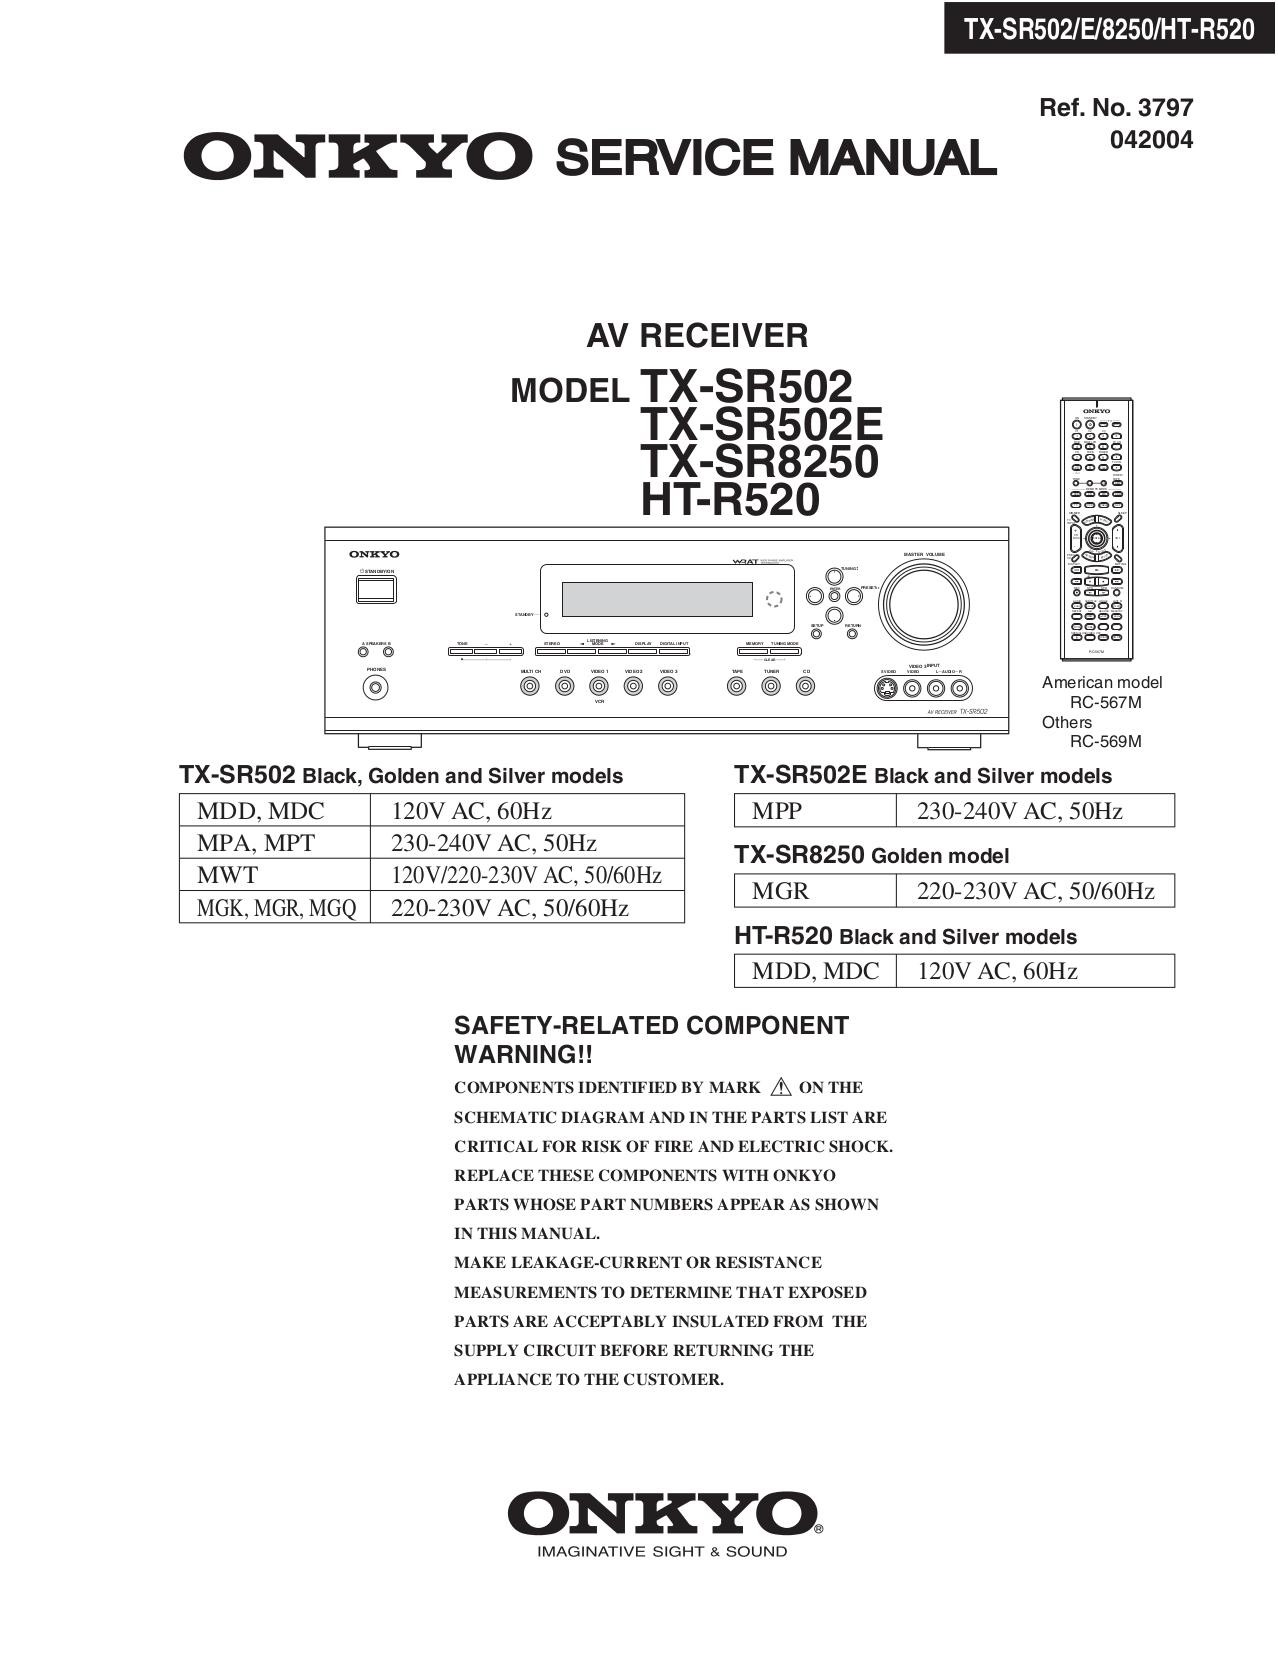 Onkyo TX SR502 SR 8250.pdf 0 download free pdf for onkyo ht r520 receiver manual  at gsmx.co